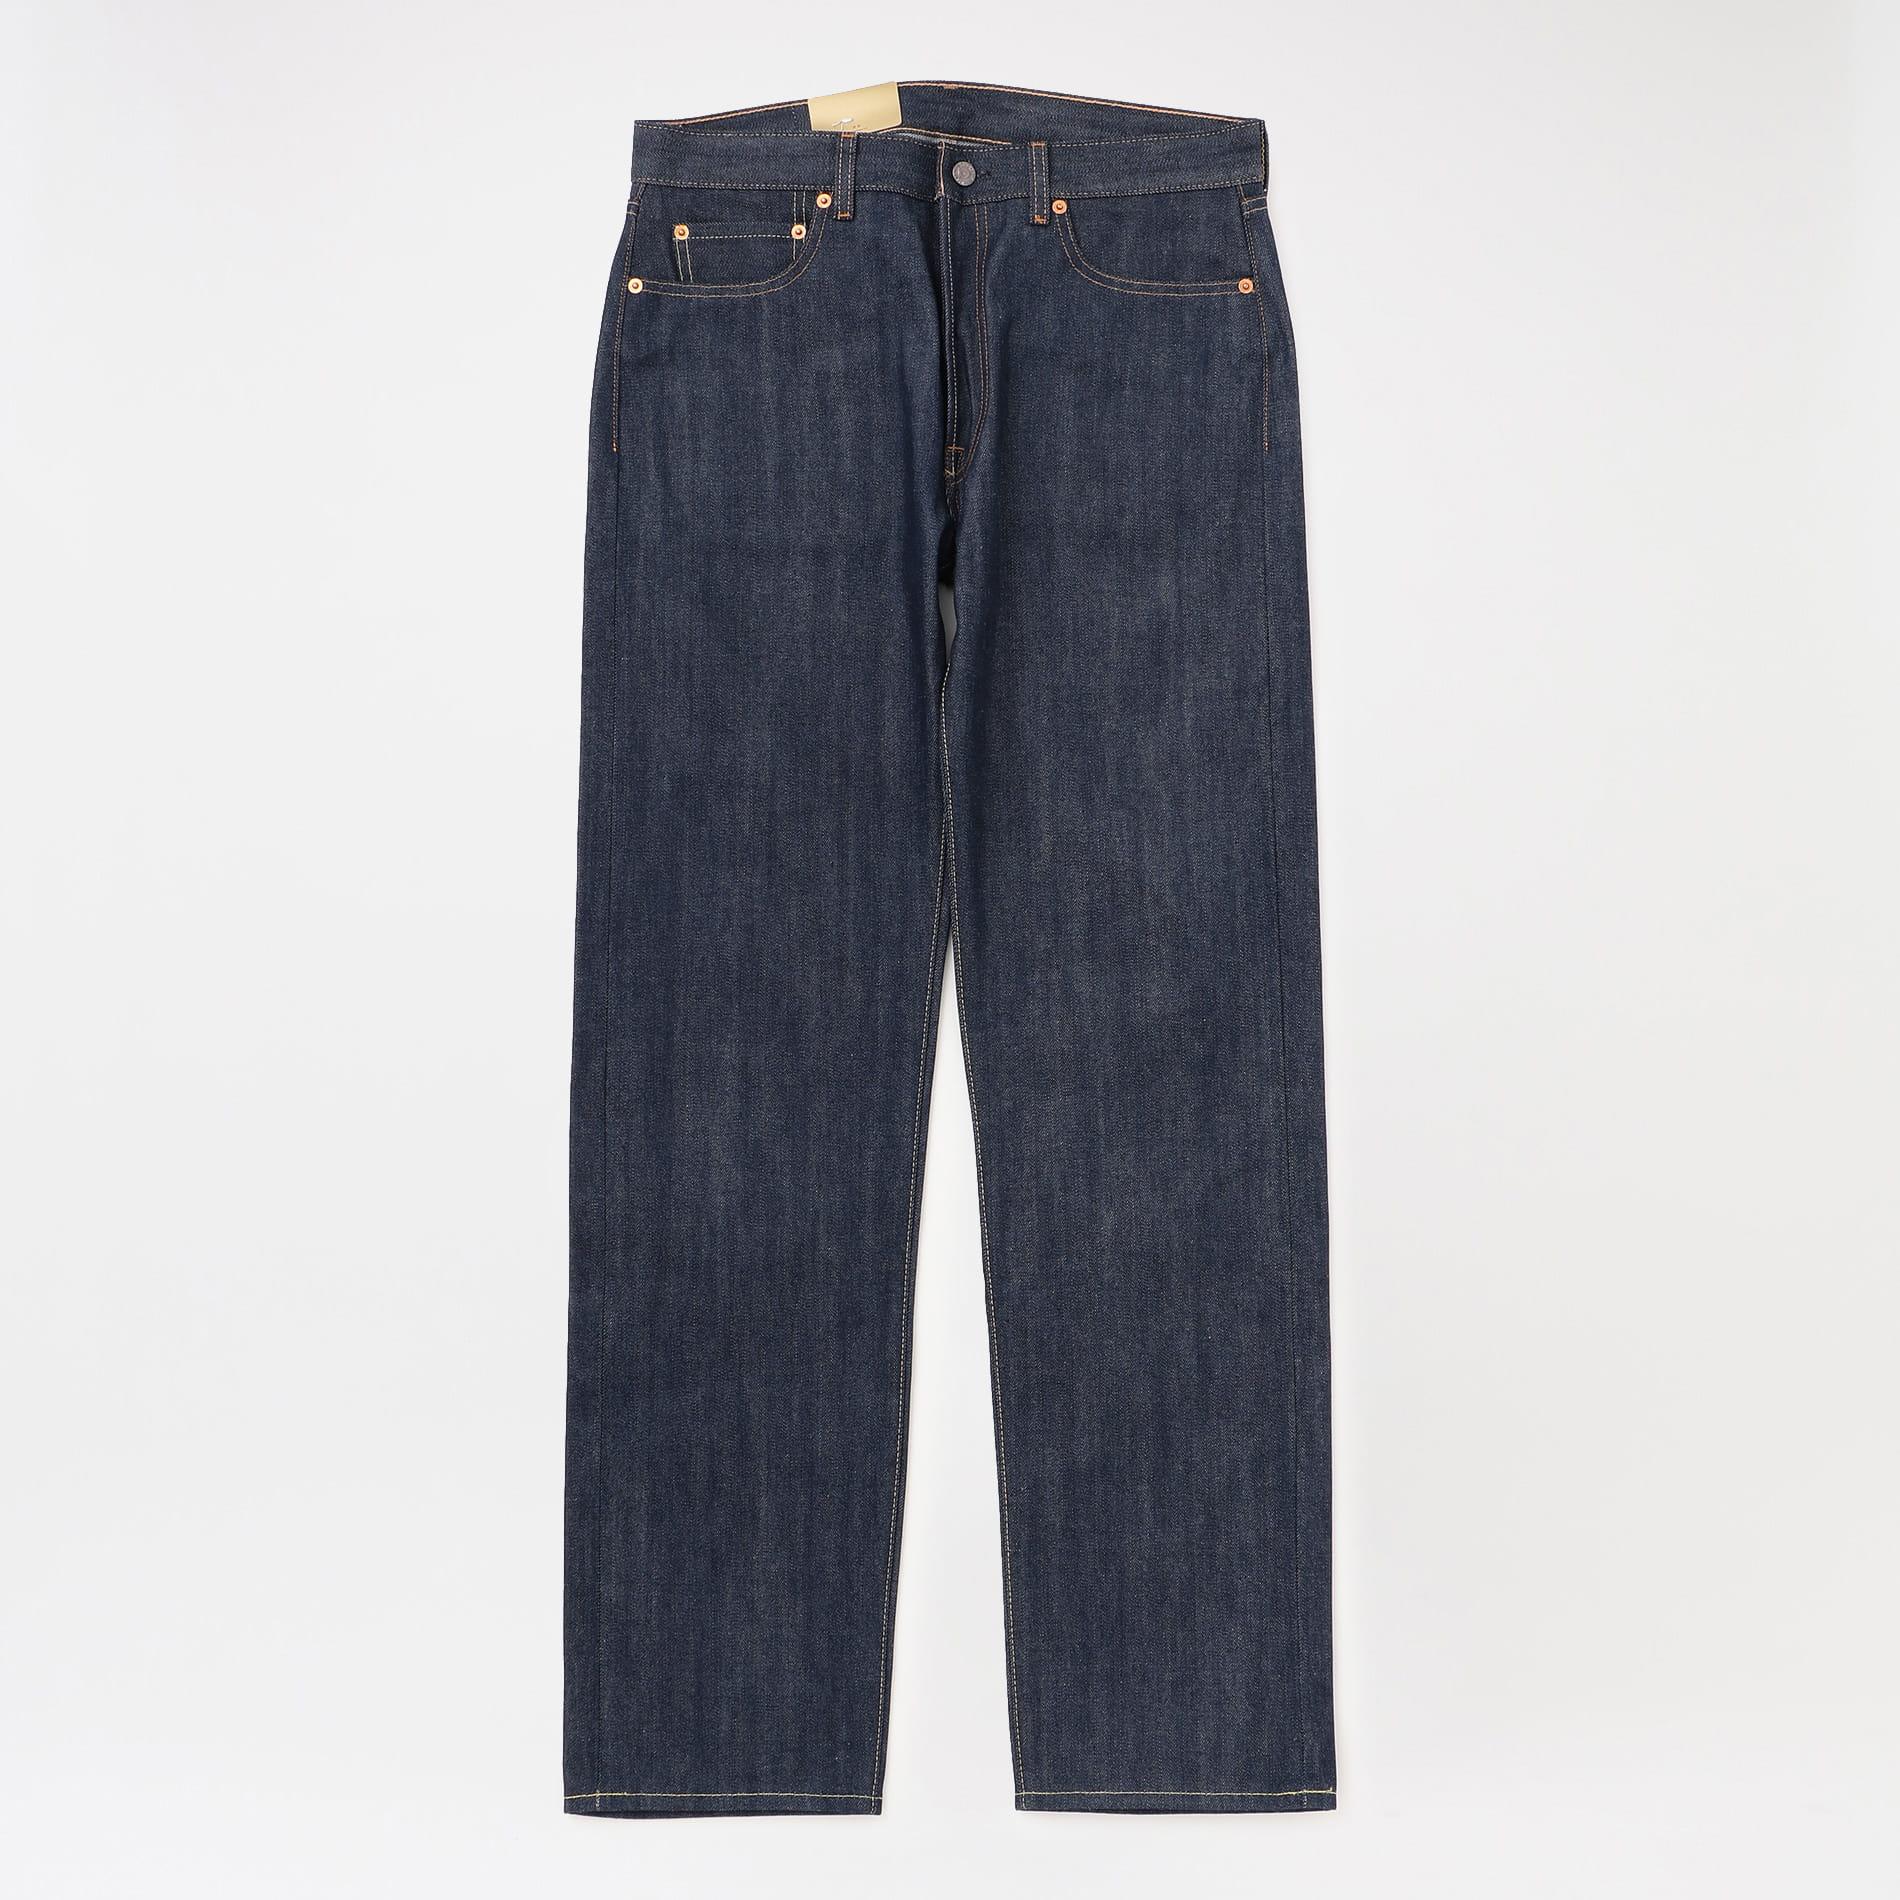 【LEVI'S VINTAGE CLOTHING】MEN 1966 501 JEANS 66501-0135